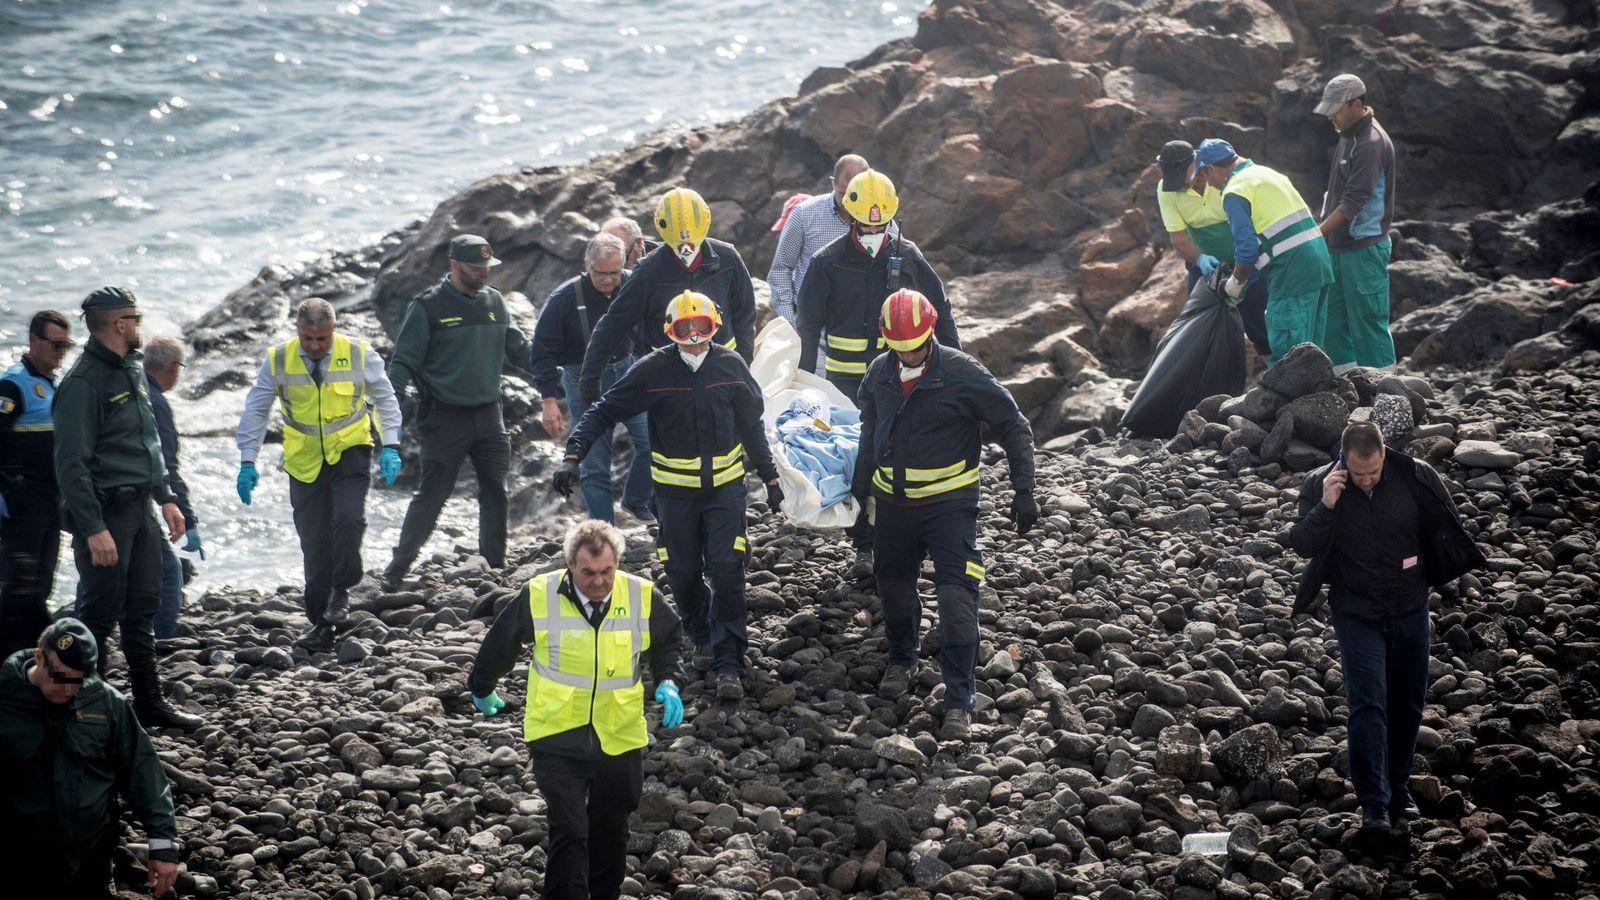 Foto: Efectivos de los servicios de Emergencias trasladan el cuerpo de uno de los fallecidos en la playa Bastián de Costa Teguise. (EFE)